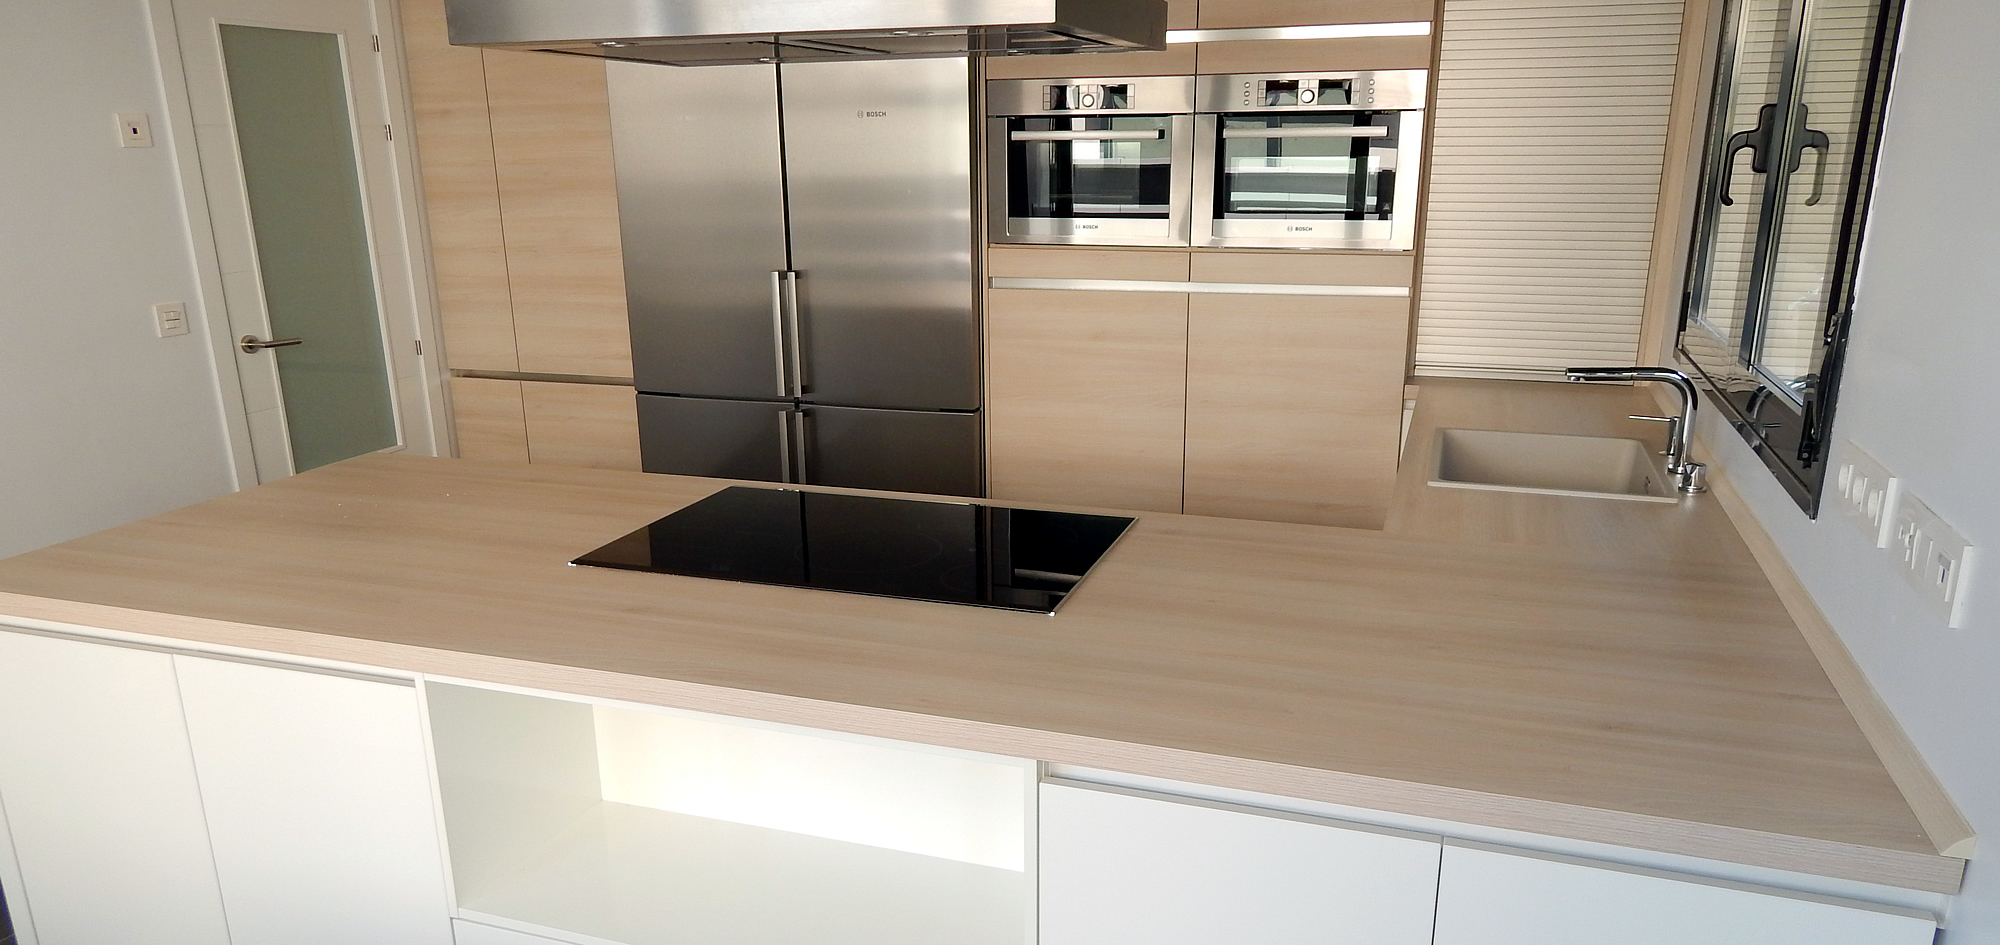 Muebles de cocina blanco alto brillo for Mueble encimera cocina